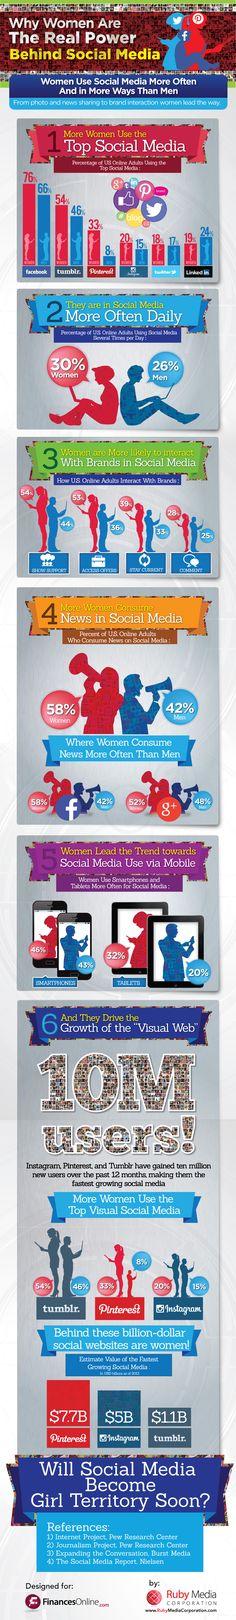 Por qué las mujeres son el verdadero poder detrás de las redes sociales. Infografía en inglés. Título original: Why Women Are The Real Power Behind Social Media. #CommunityManager